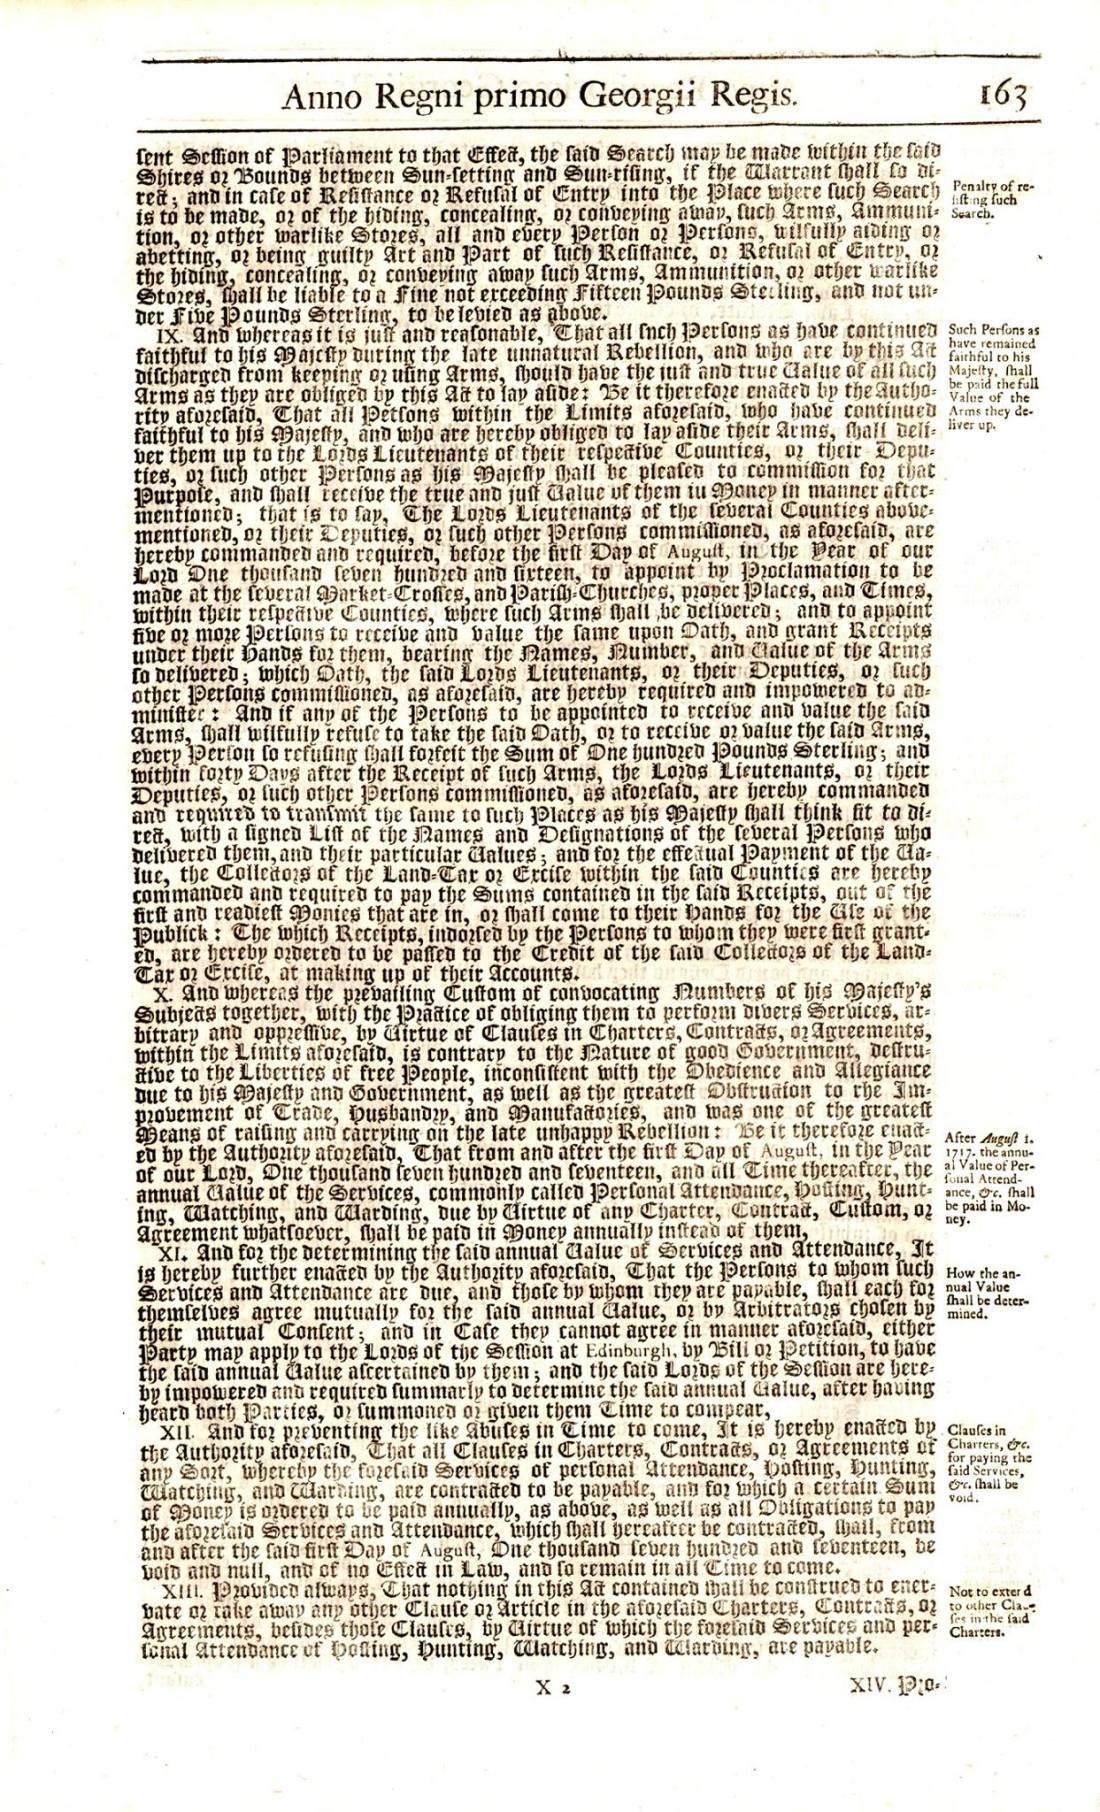 Act 1715d